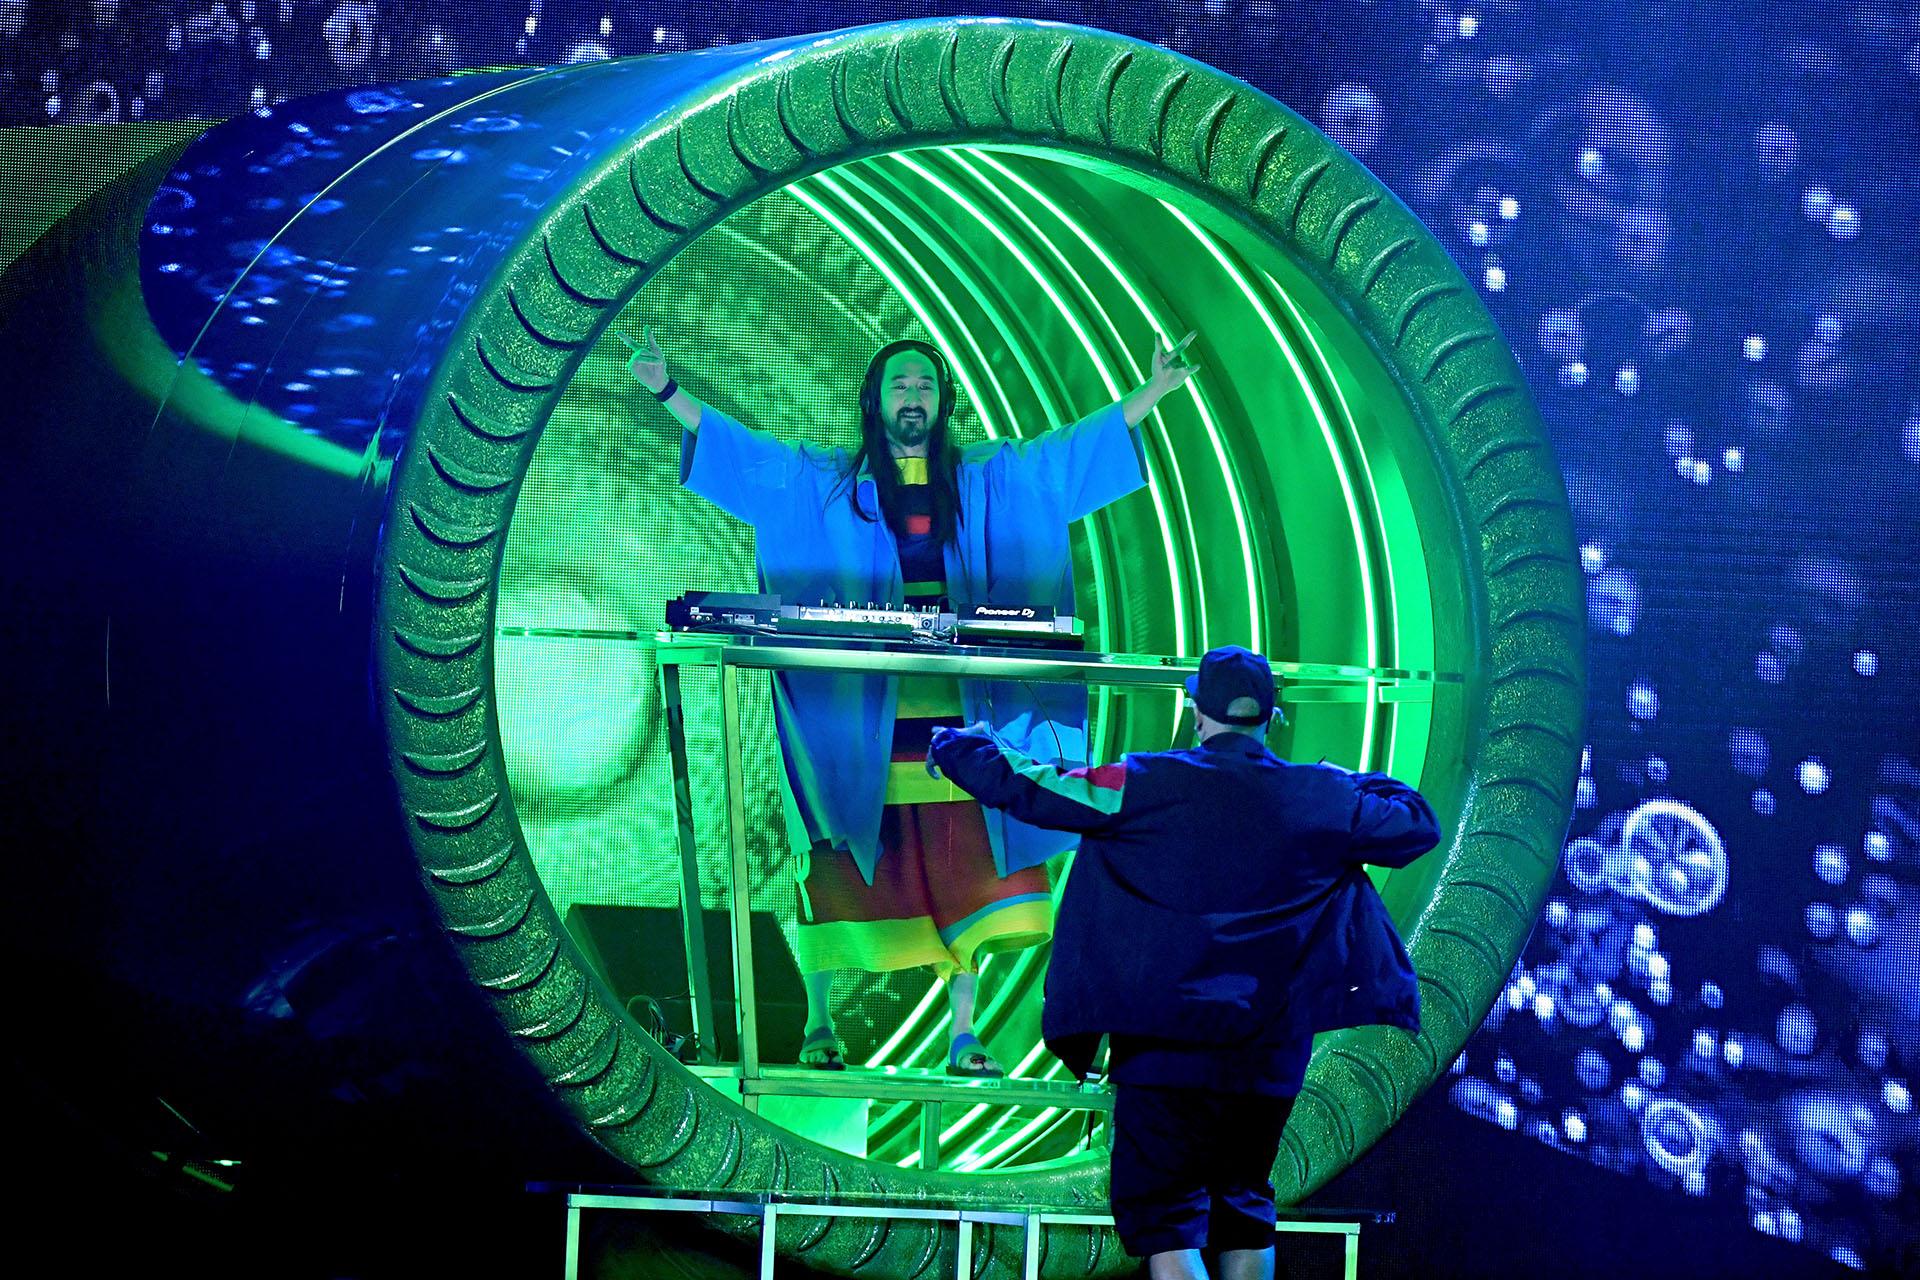 La vibrante presentación de Steve Aoki y Nicky Jam